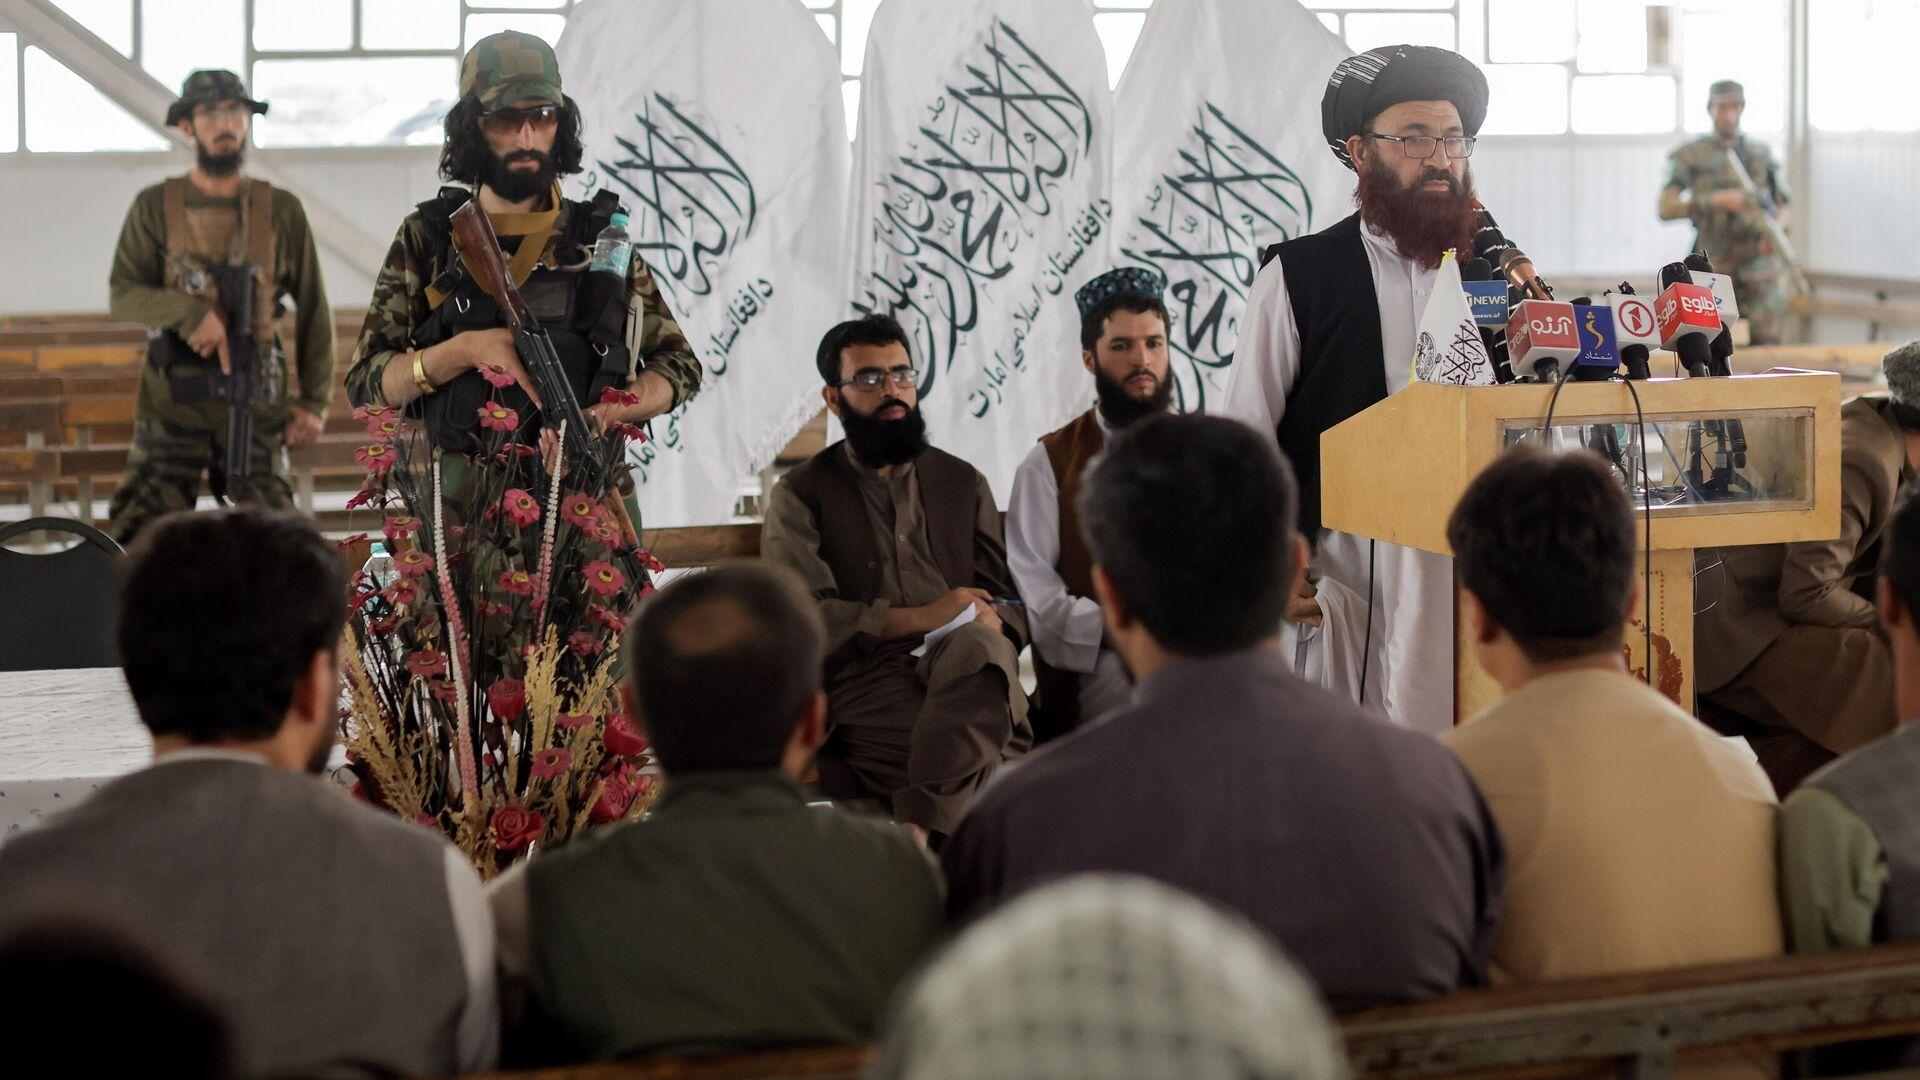 Funcionarios talibanes de Afganistán asisten a una rueda de prensa en la que anunciaron que volverán a emitir pasaportes a sus ciudadanos luego de meses de demoras que obstaculizaron los intentos de quienes intentaban huir del país, en Kabul, Afganistán, el 5 de octubre de 2021 - Sputnik Mundo, 1920, 05.10.2021